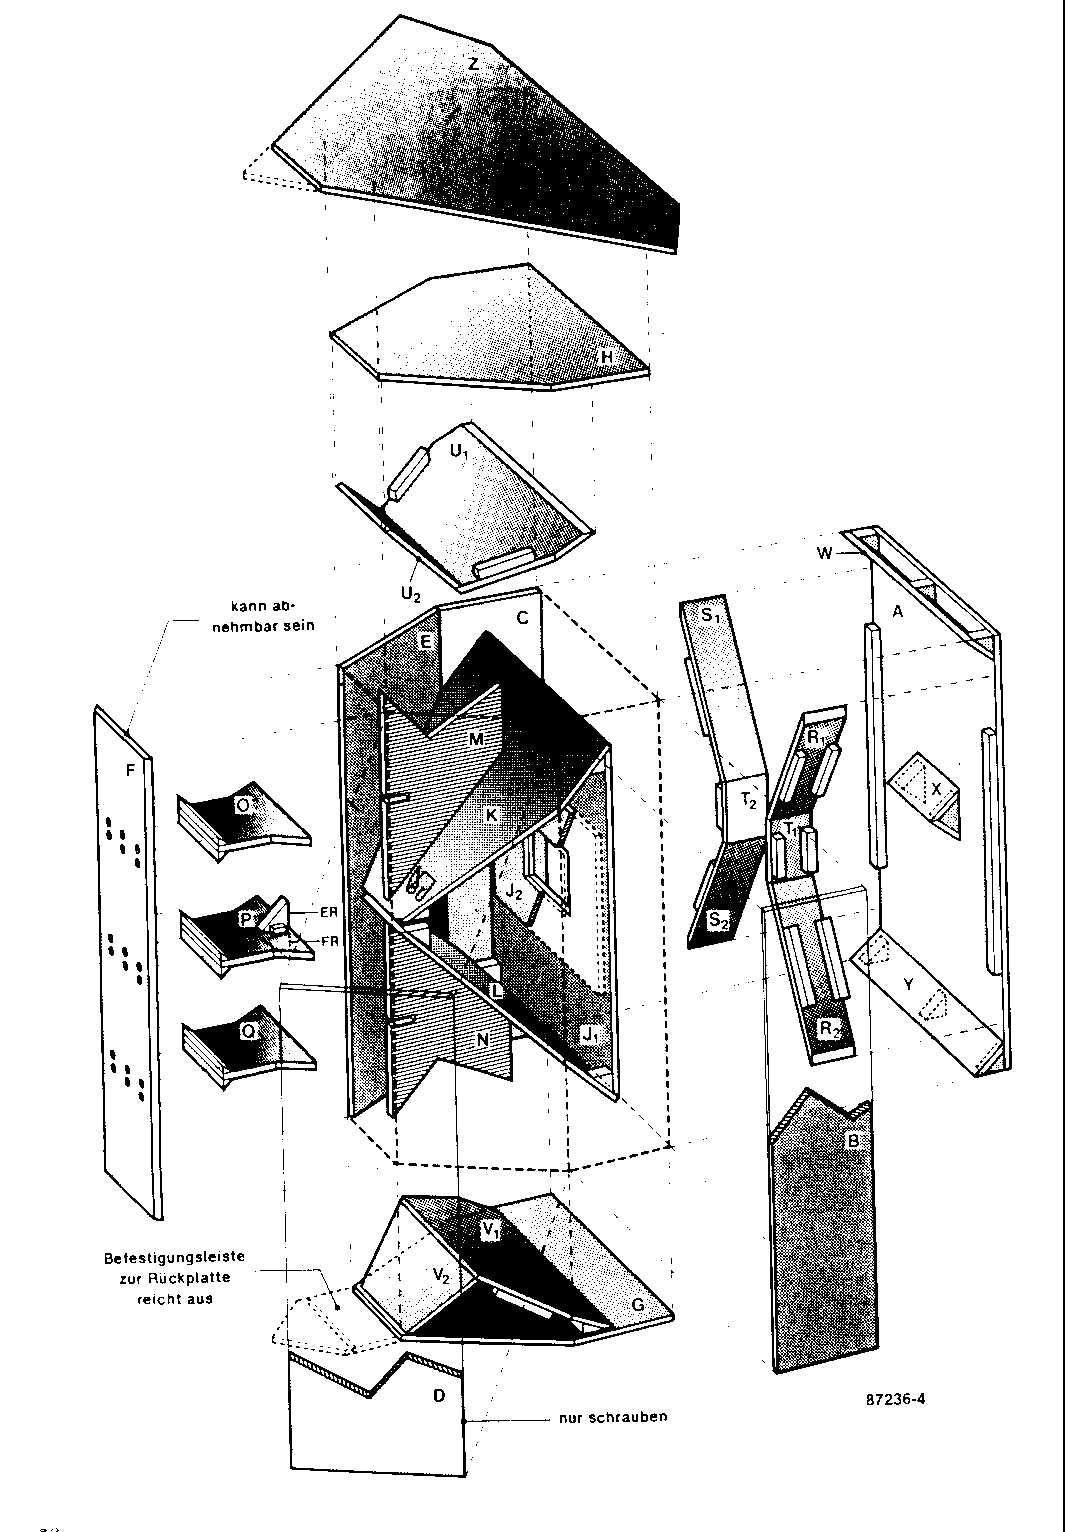 Pin by Ernie Joy on Speaker Plans in 2019